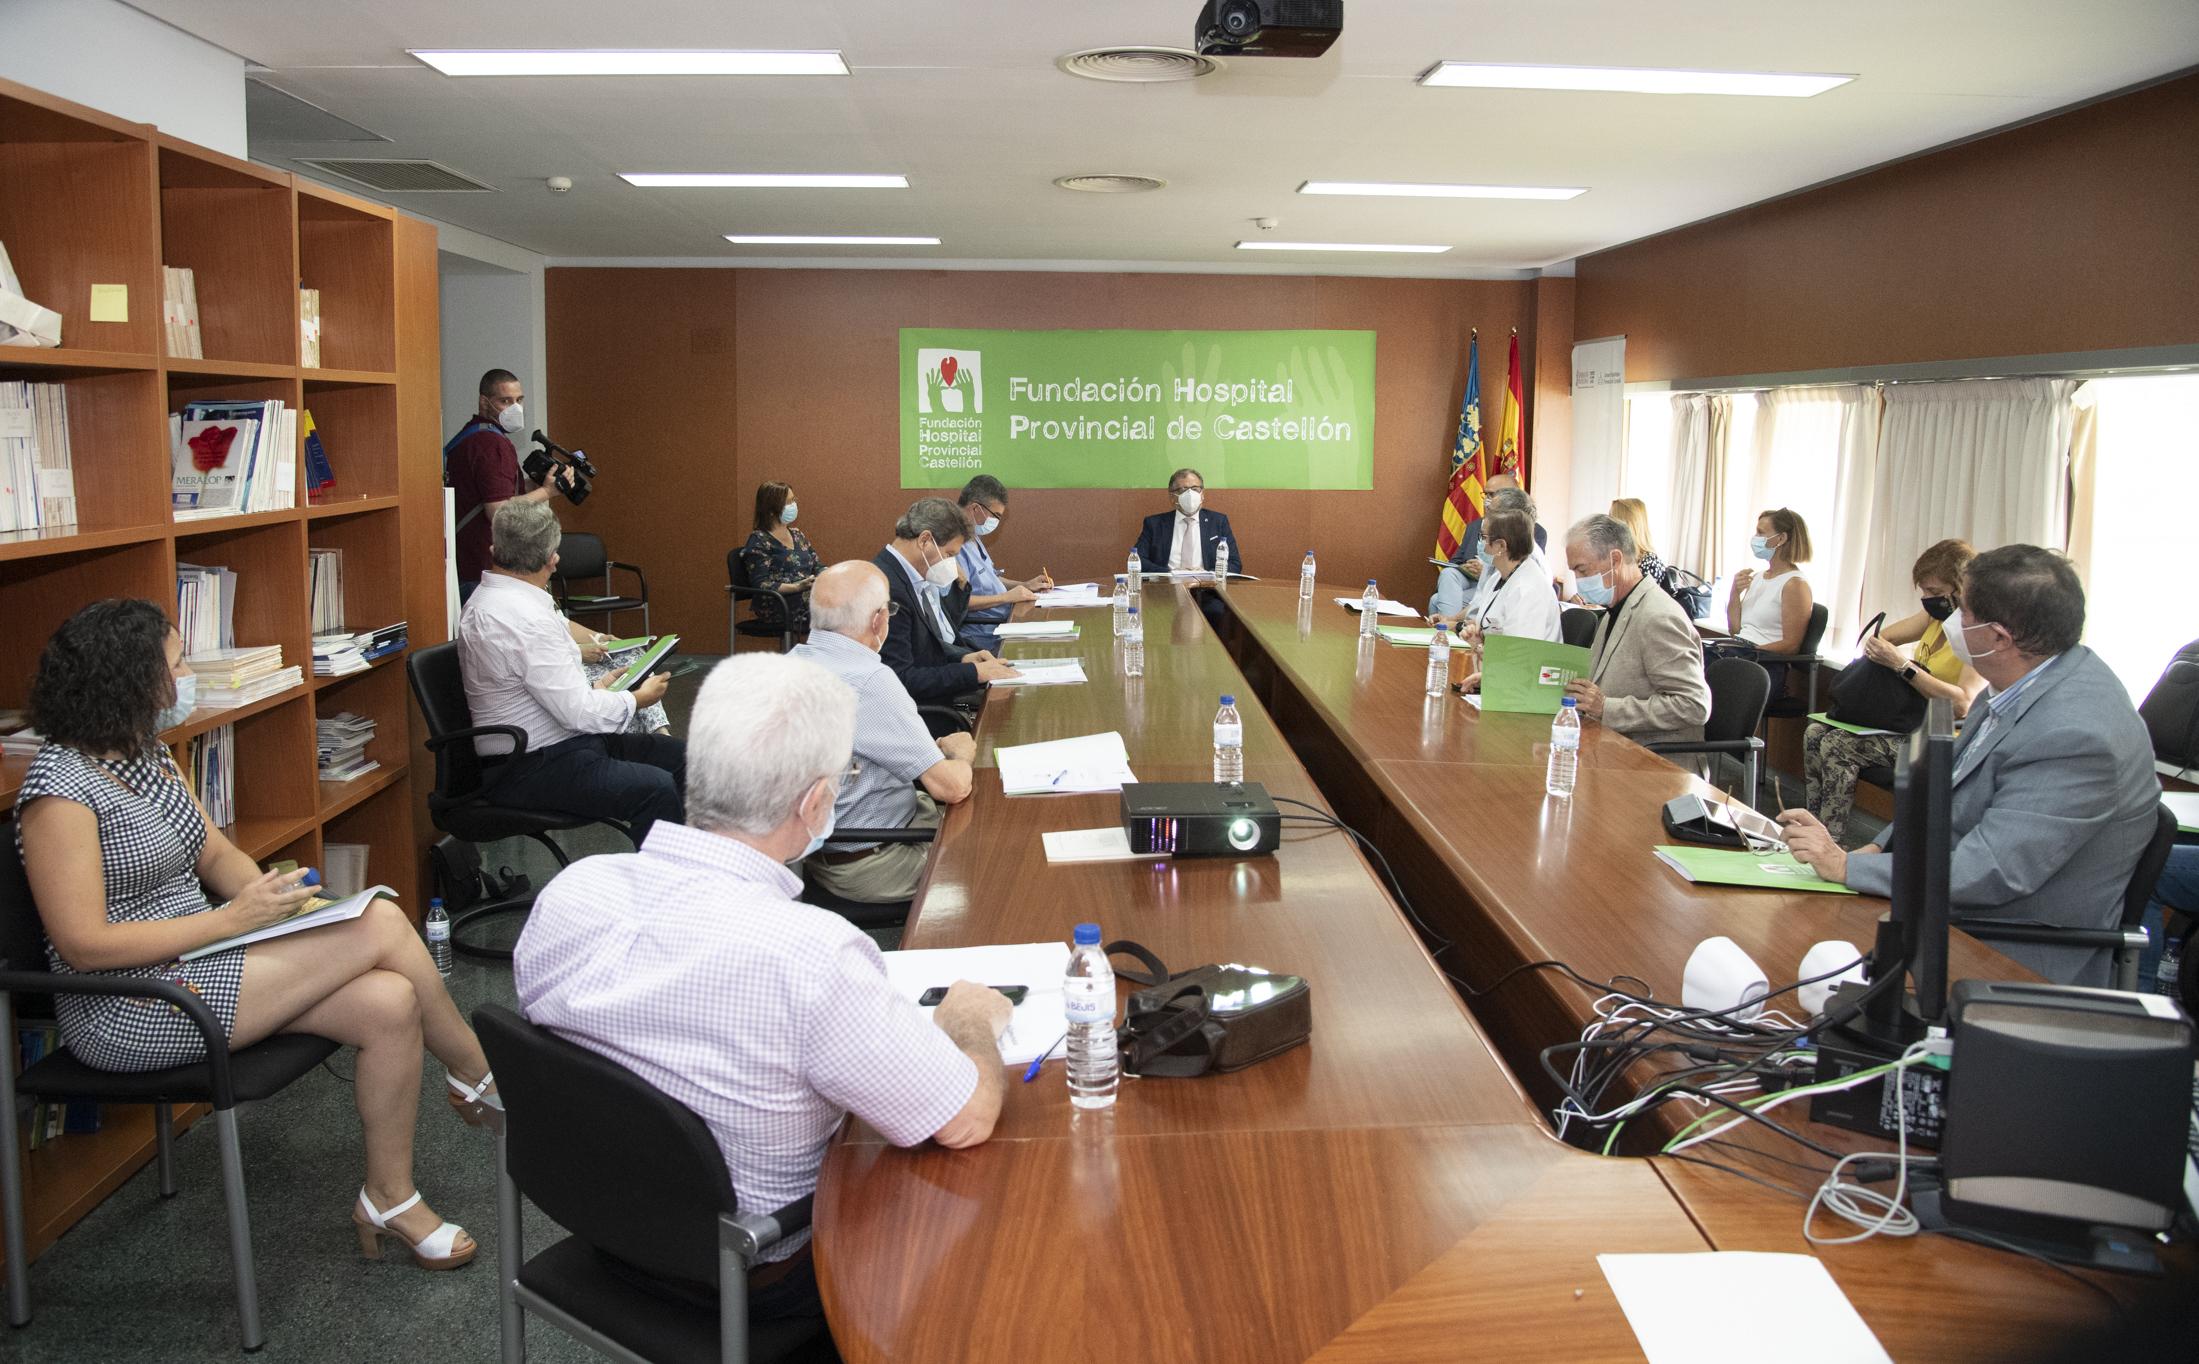 Martí avala el Plan Estratégico 2020-2023 de la Fundación Hospital Provincial de Castellón para impulsar un nuevo instituto de investigación